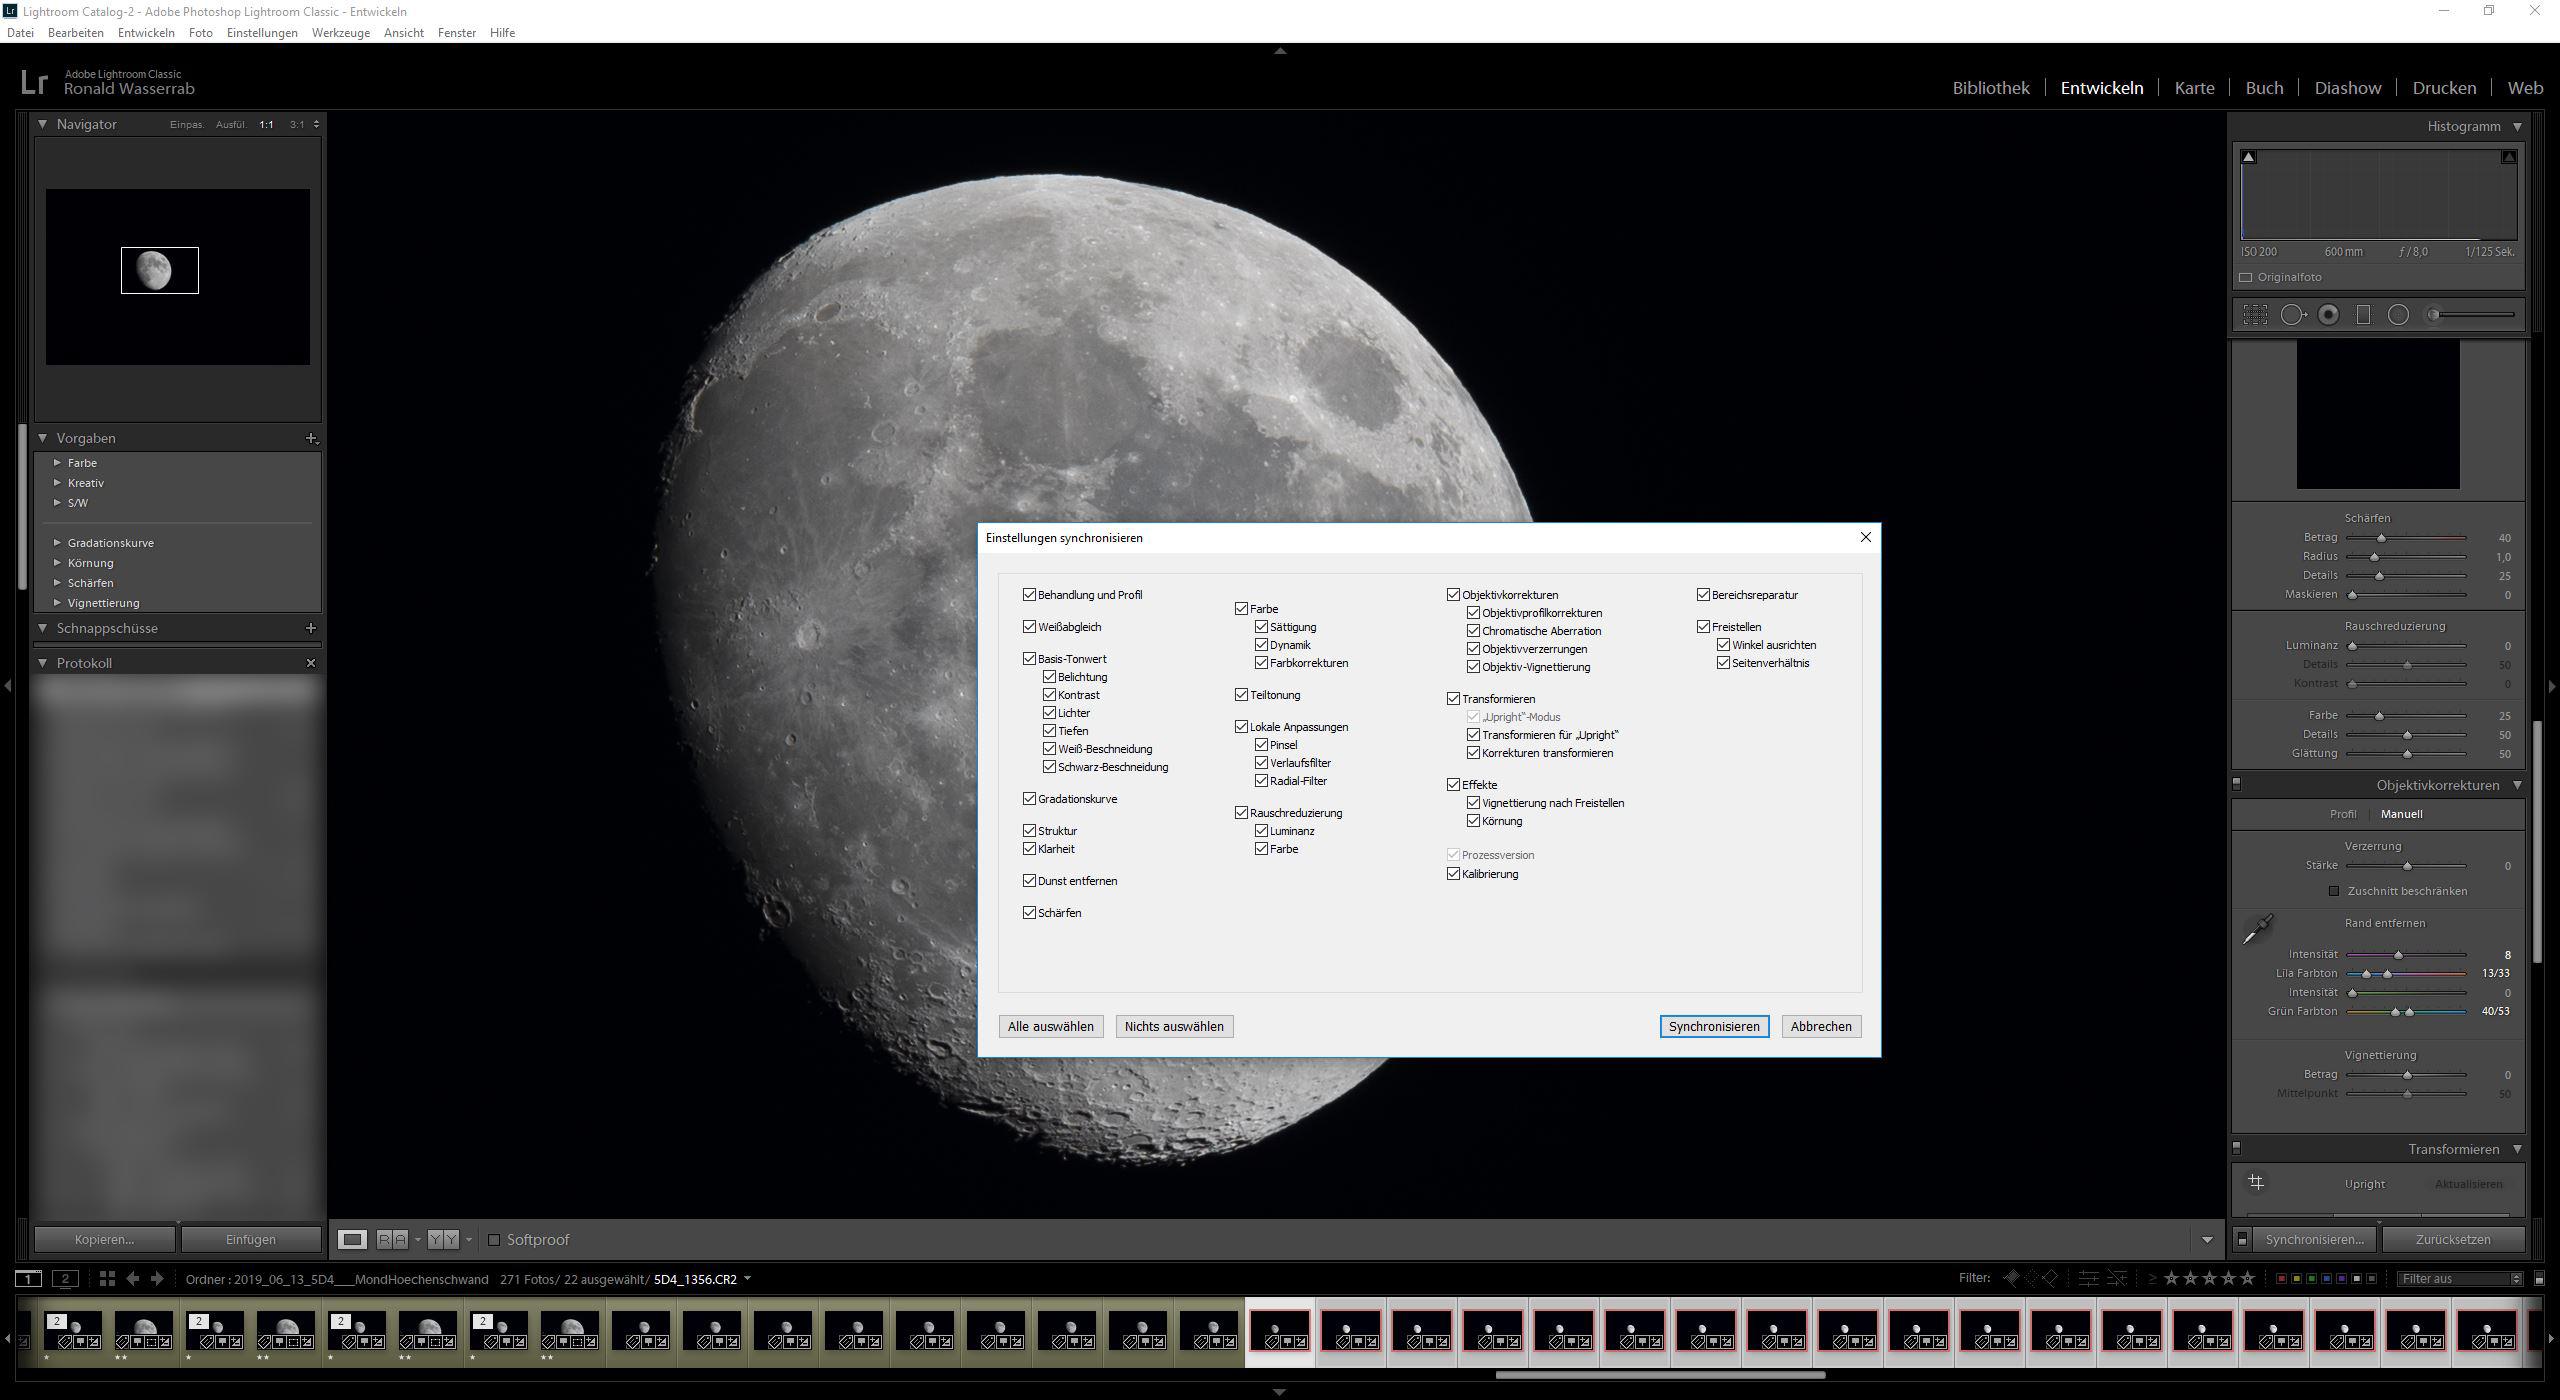 Synchronisierung des gerade bearbeiteten Fotos mit allen anderen markierten Bildern der gleichen Mondfotografie-Serie